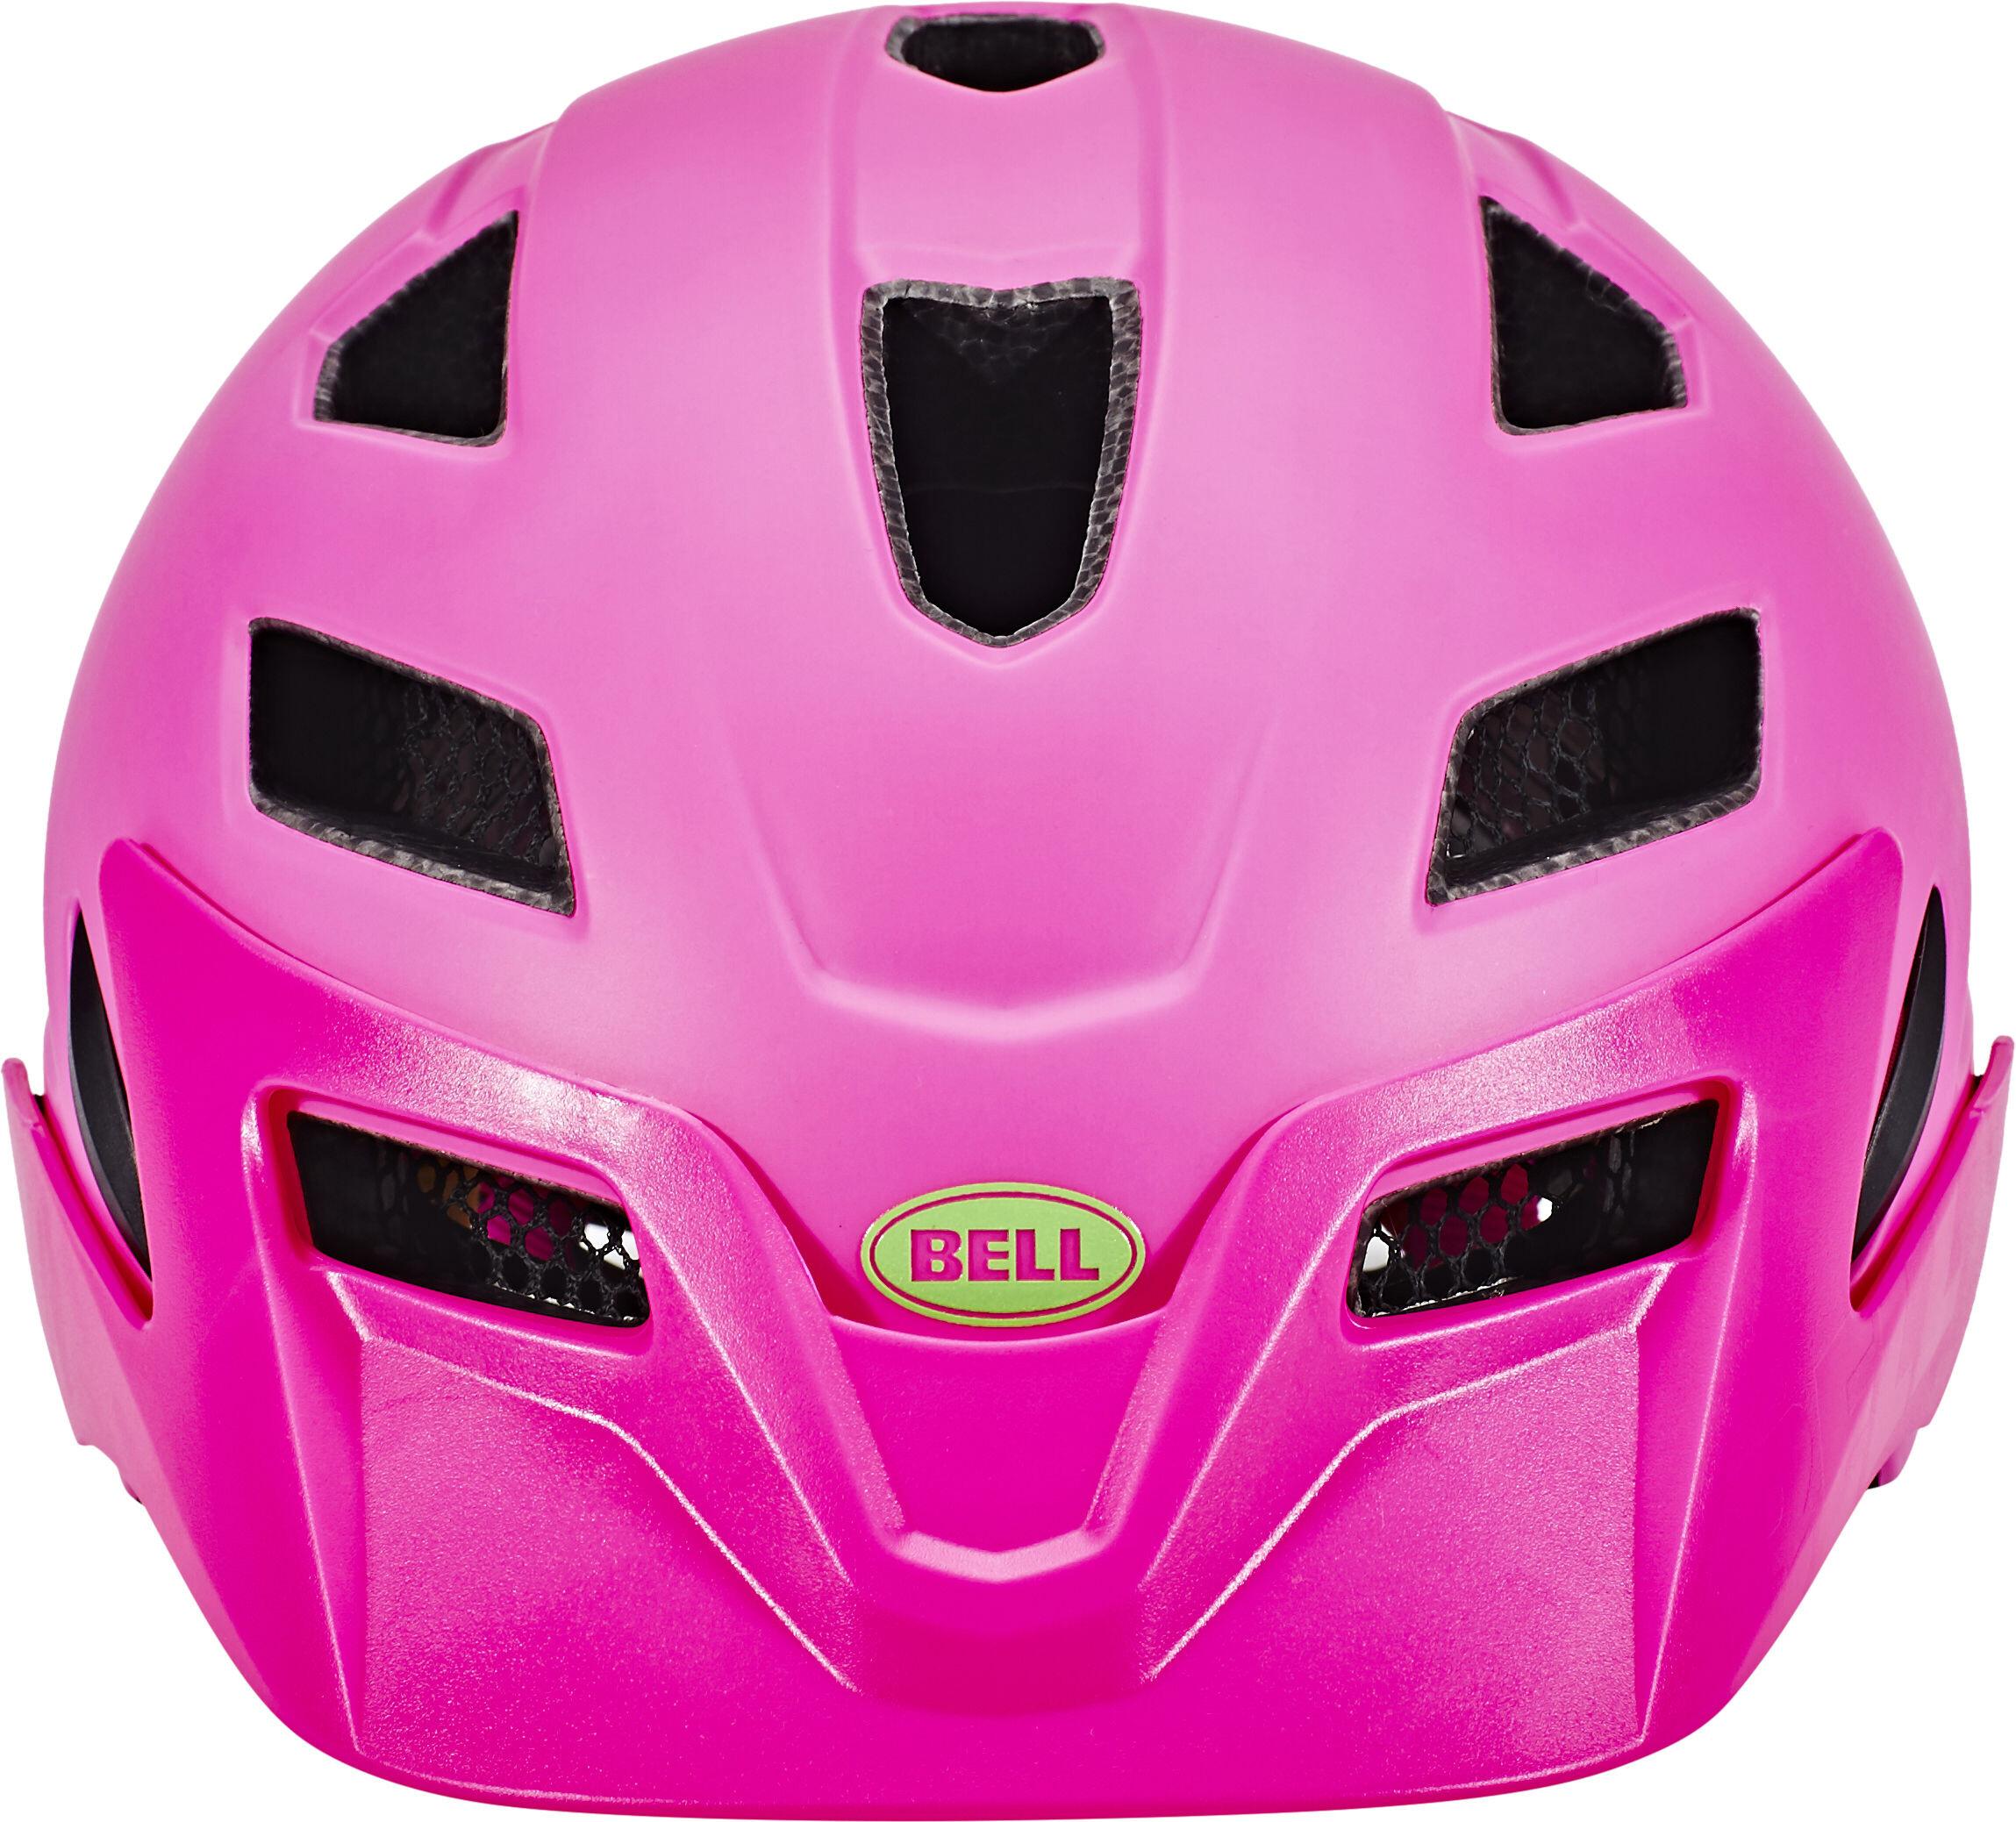 bell sidetrack helmet child matte pink lime g nstig kaufen. Black Bedroom Furniture Sets. Home Design Ideas